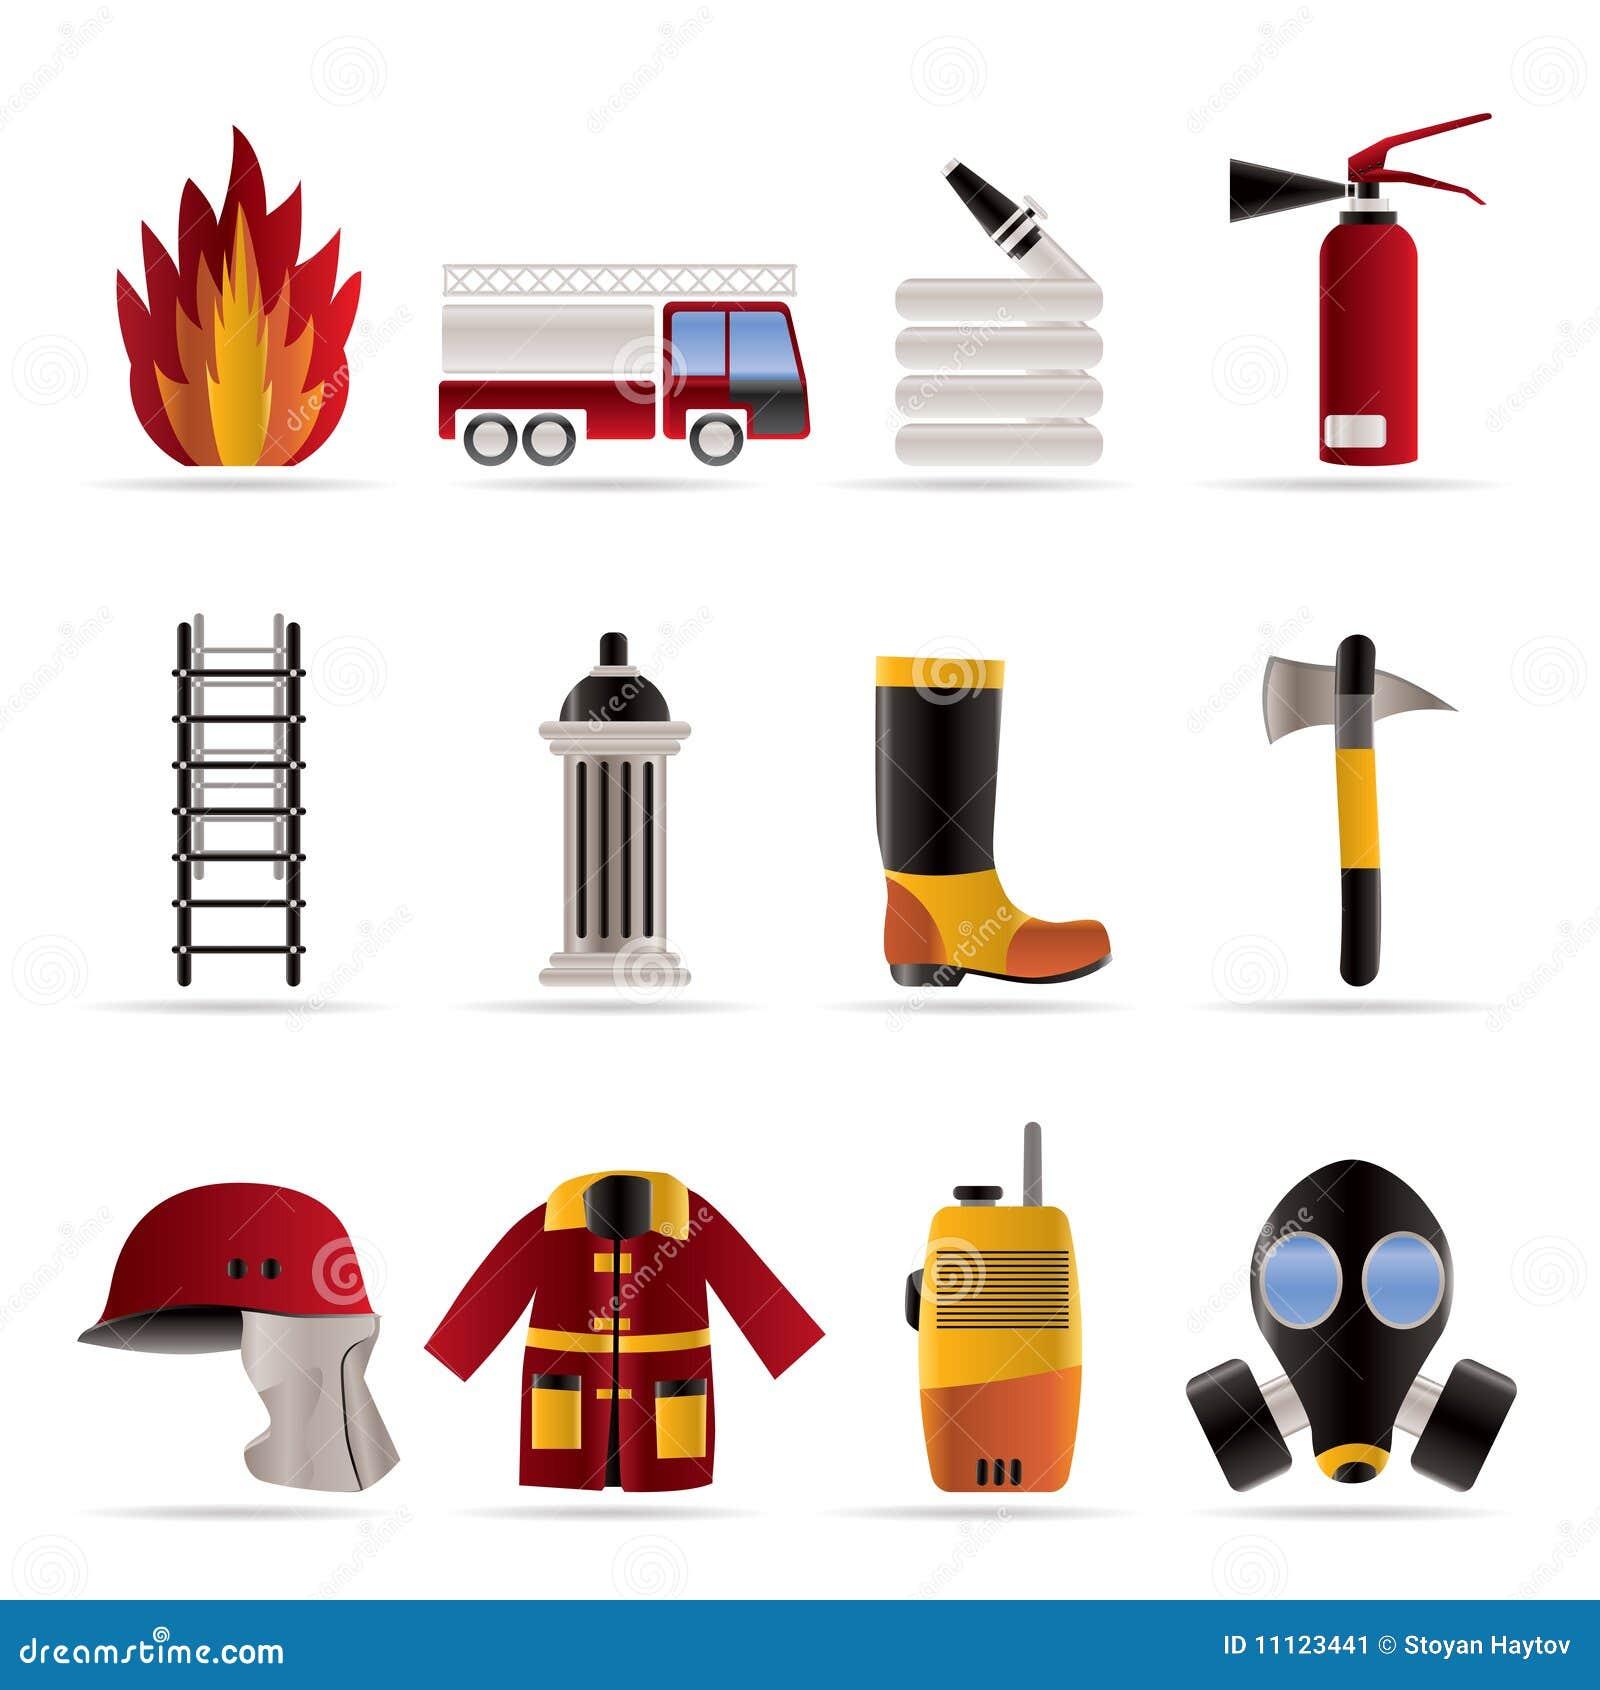 Feuer-Brigade und Feuerwehrmannausrüstungsikone - Vektor I